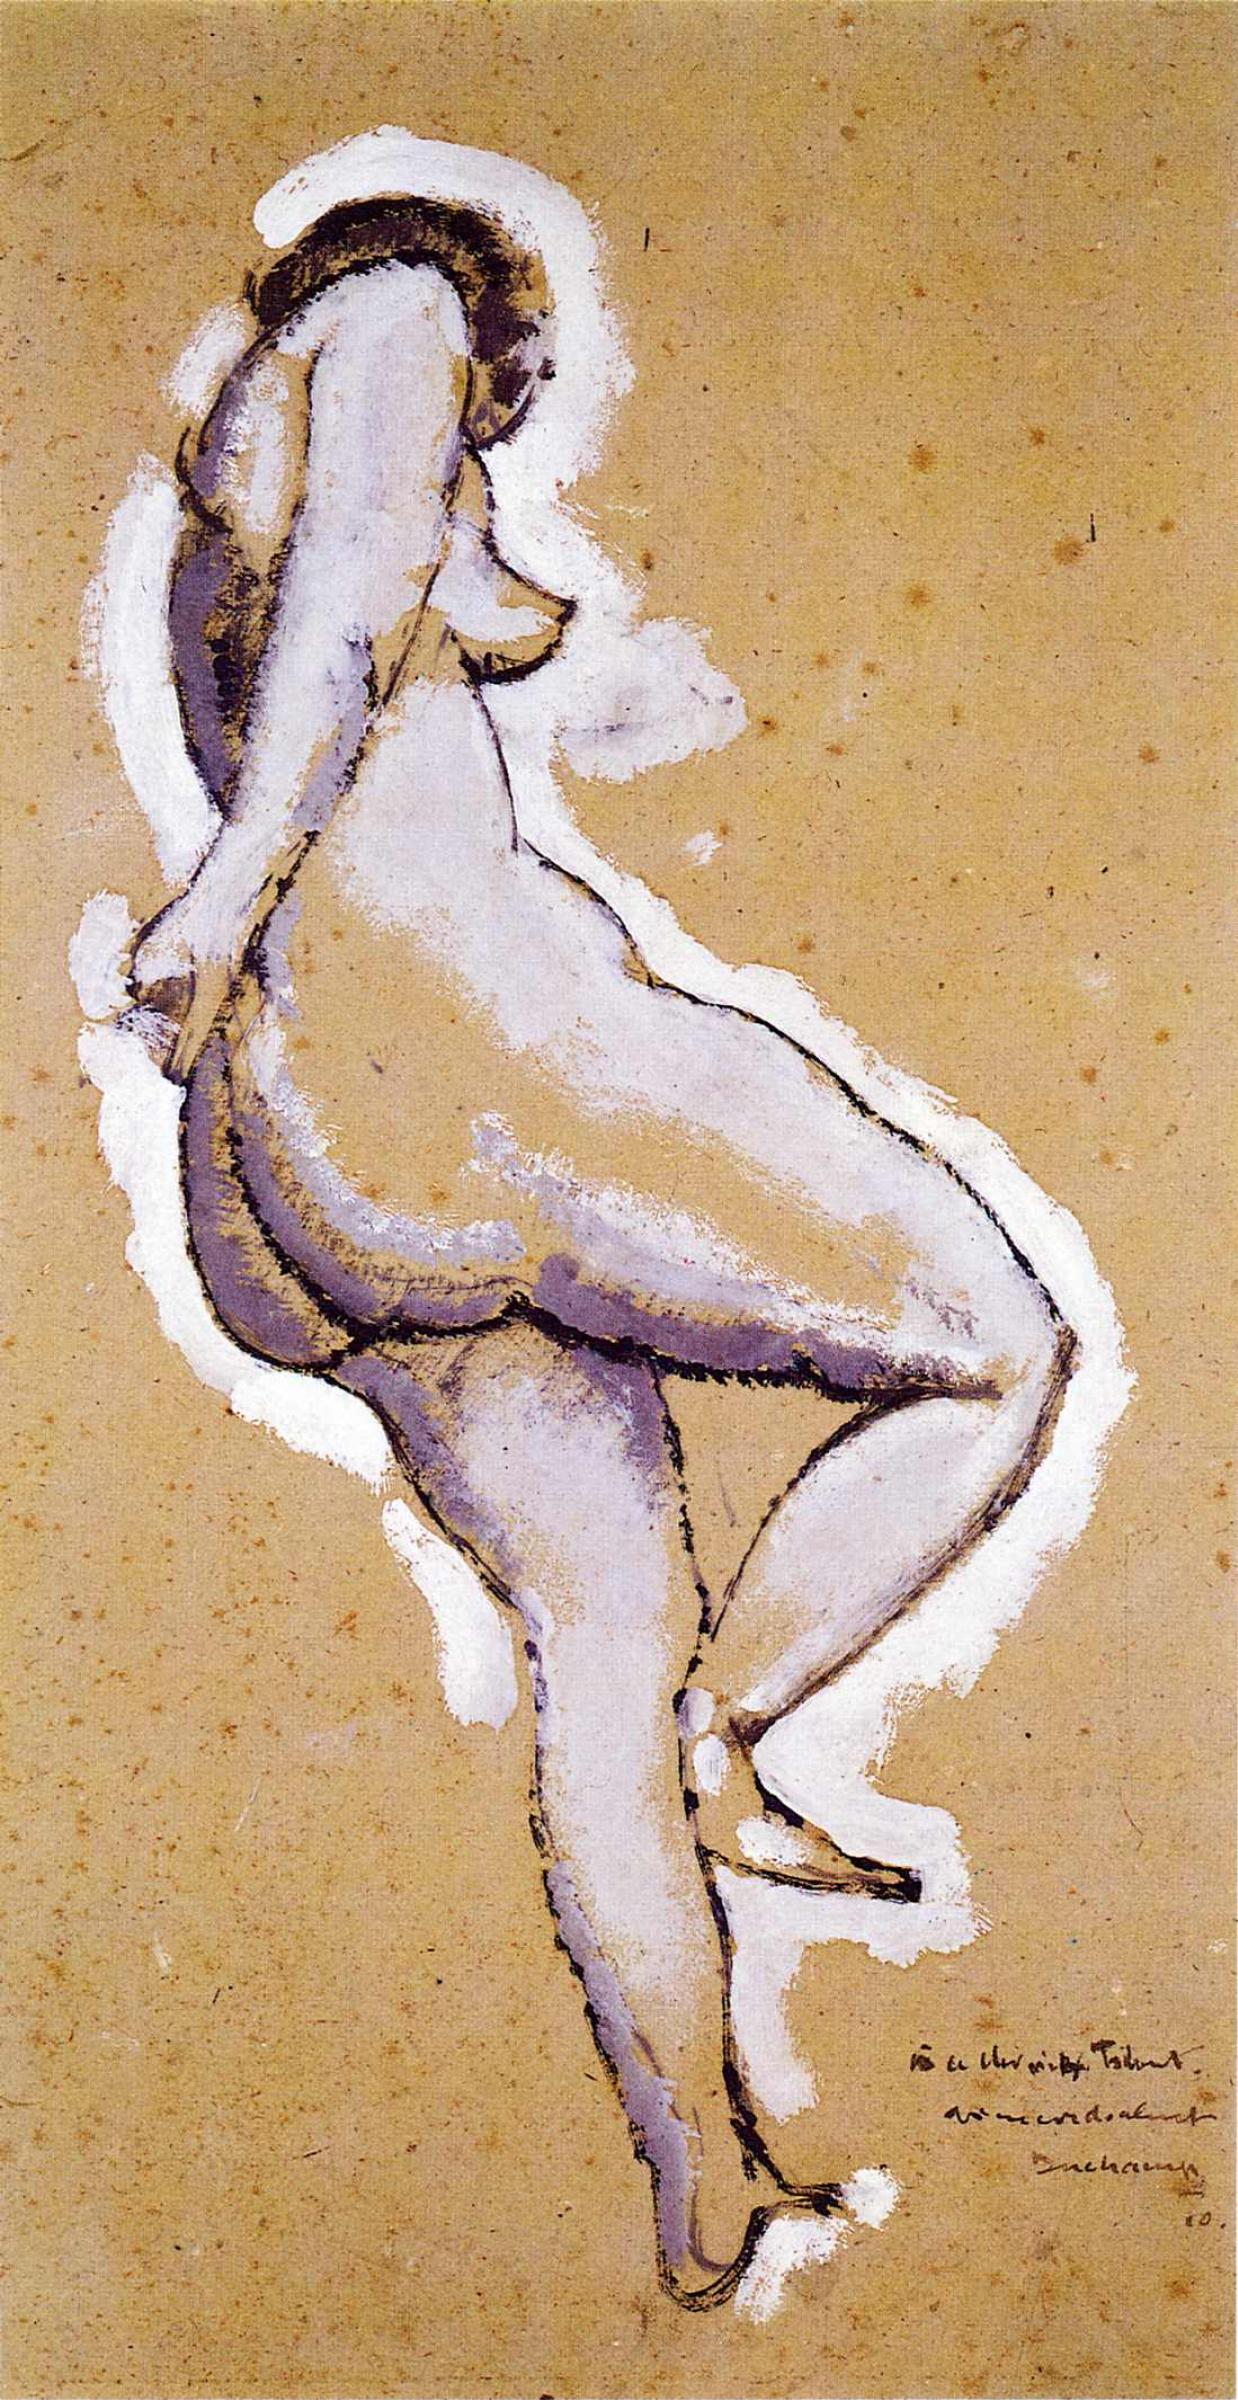 художник / теоретик искусства Марсель ДЮШАН (1887-1968) / «Задумавшаяся обнаженная женщина»